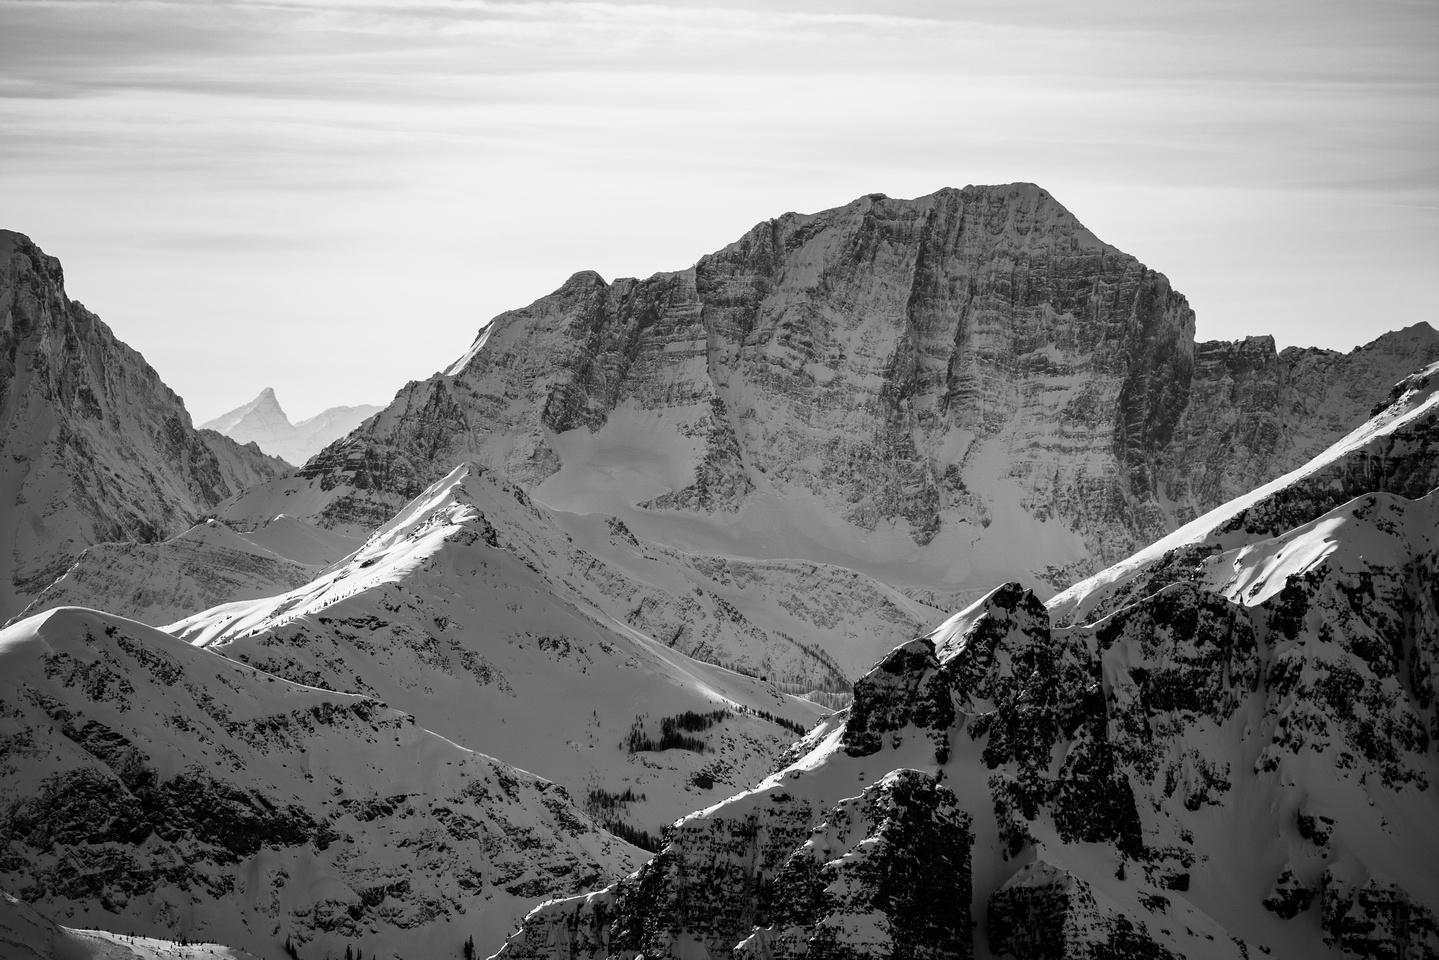 Floe Peak.